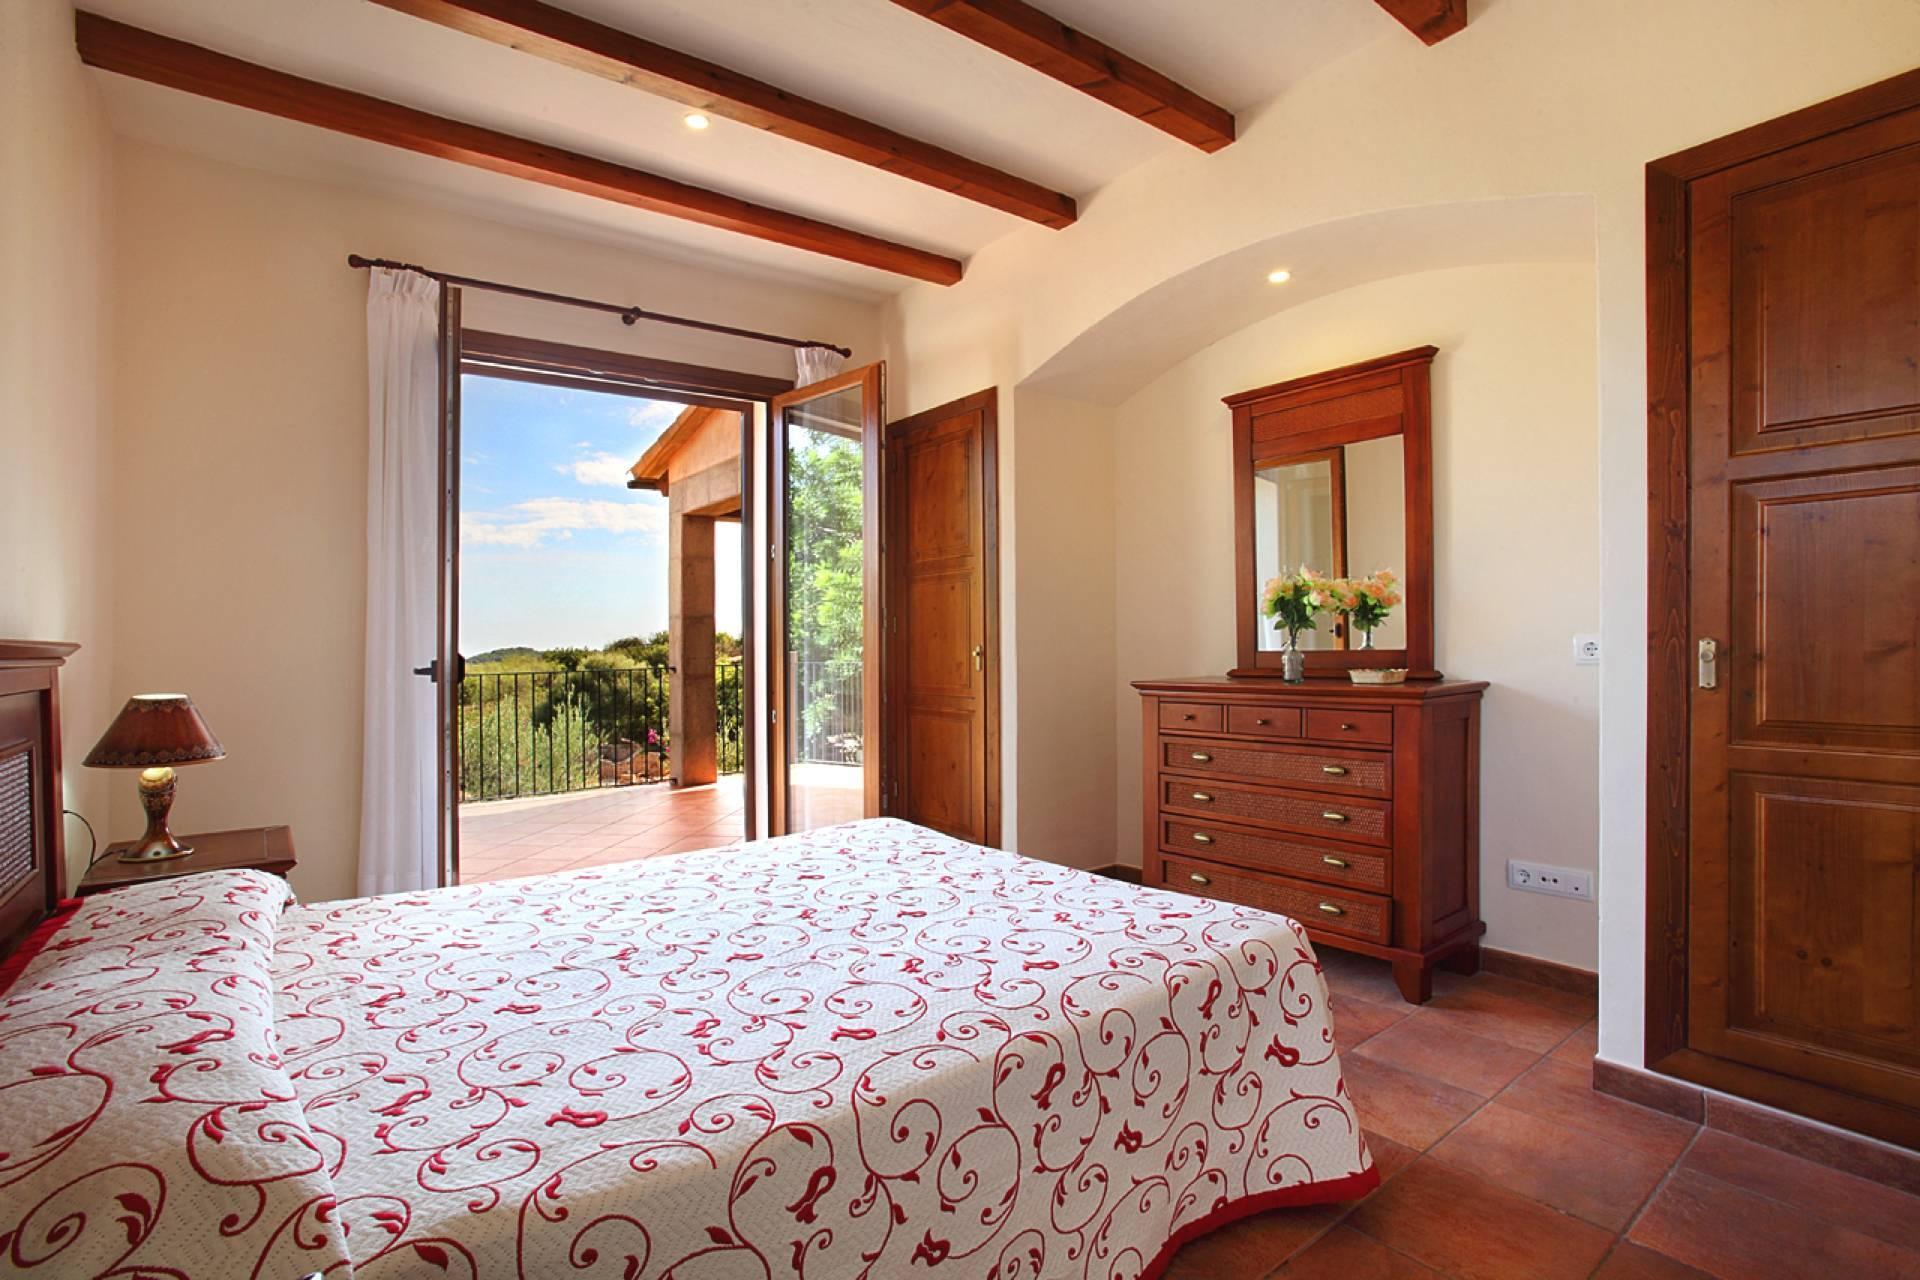 01-159 Ländliches Ferienhaus Mallorca Osten Bild 26